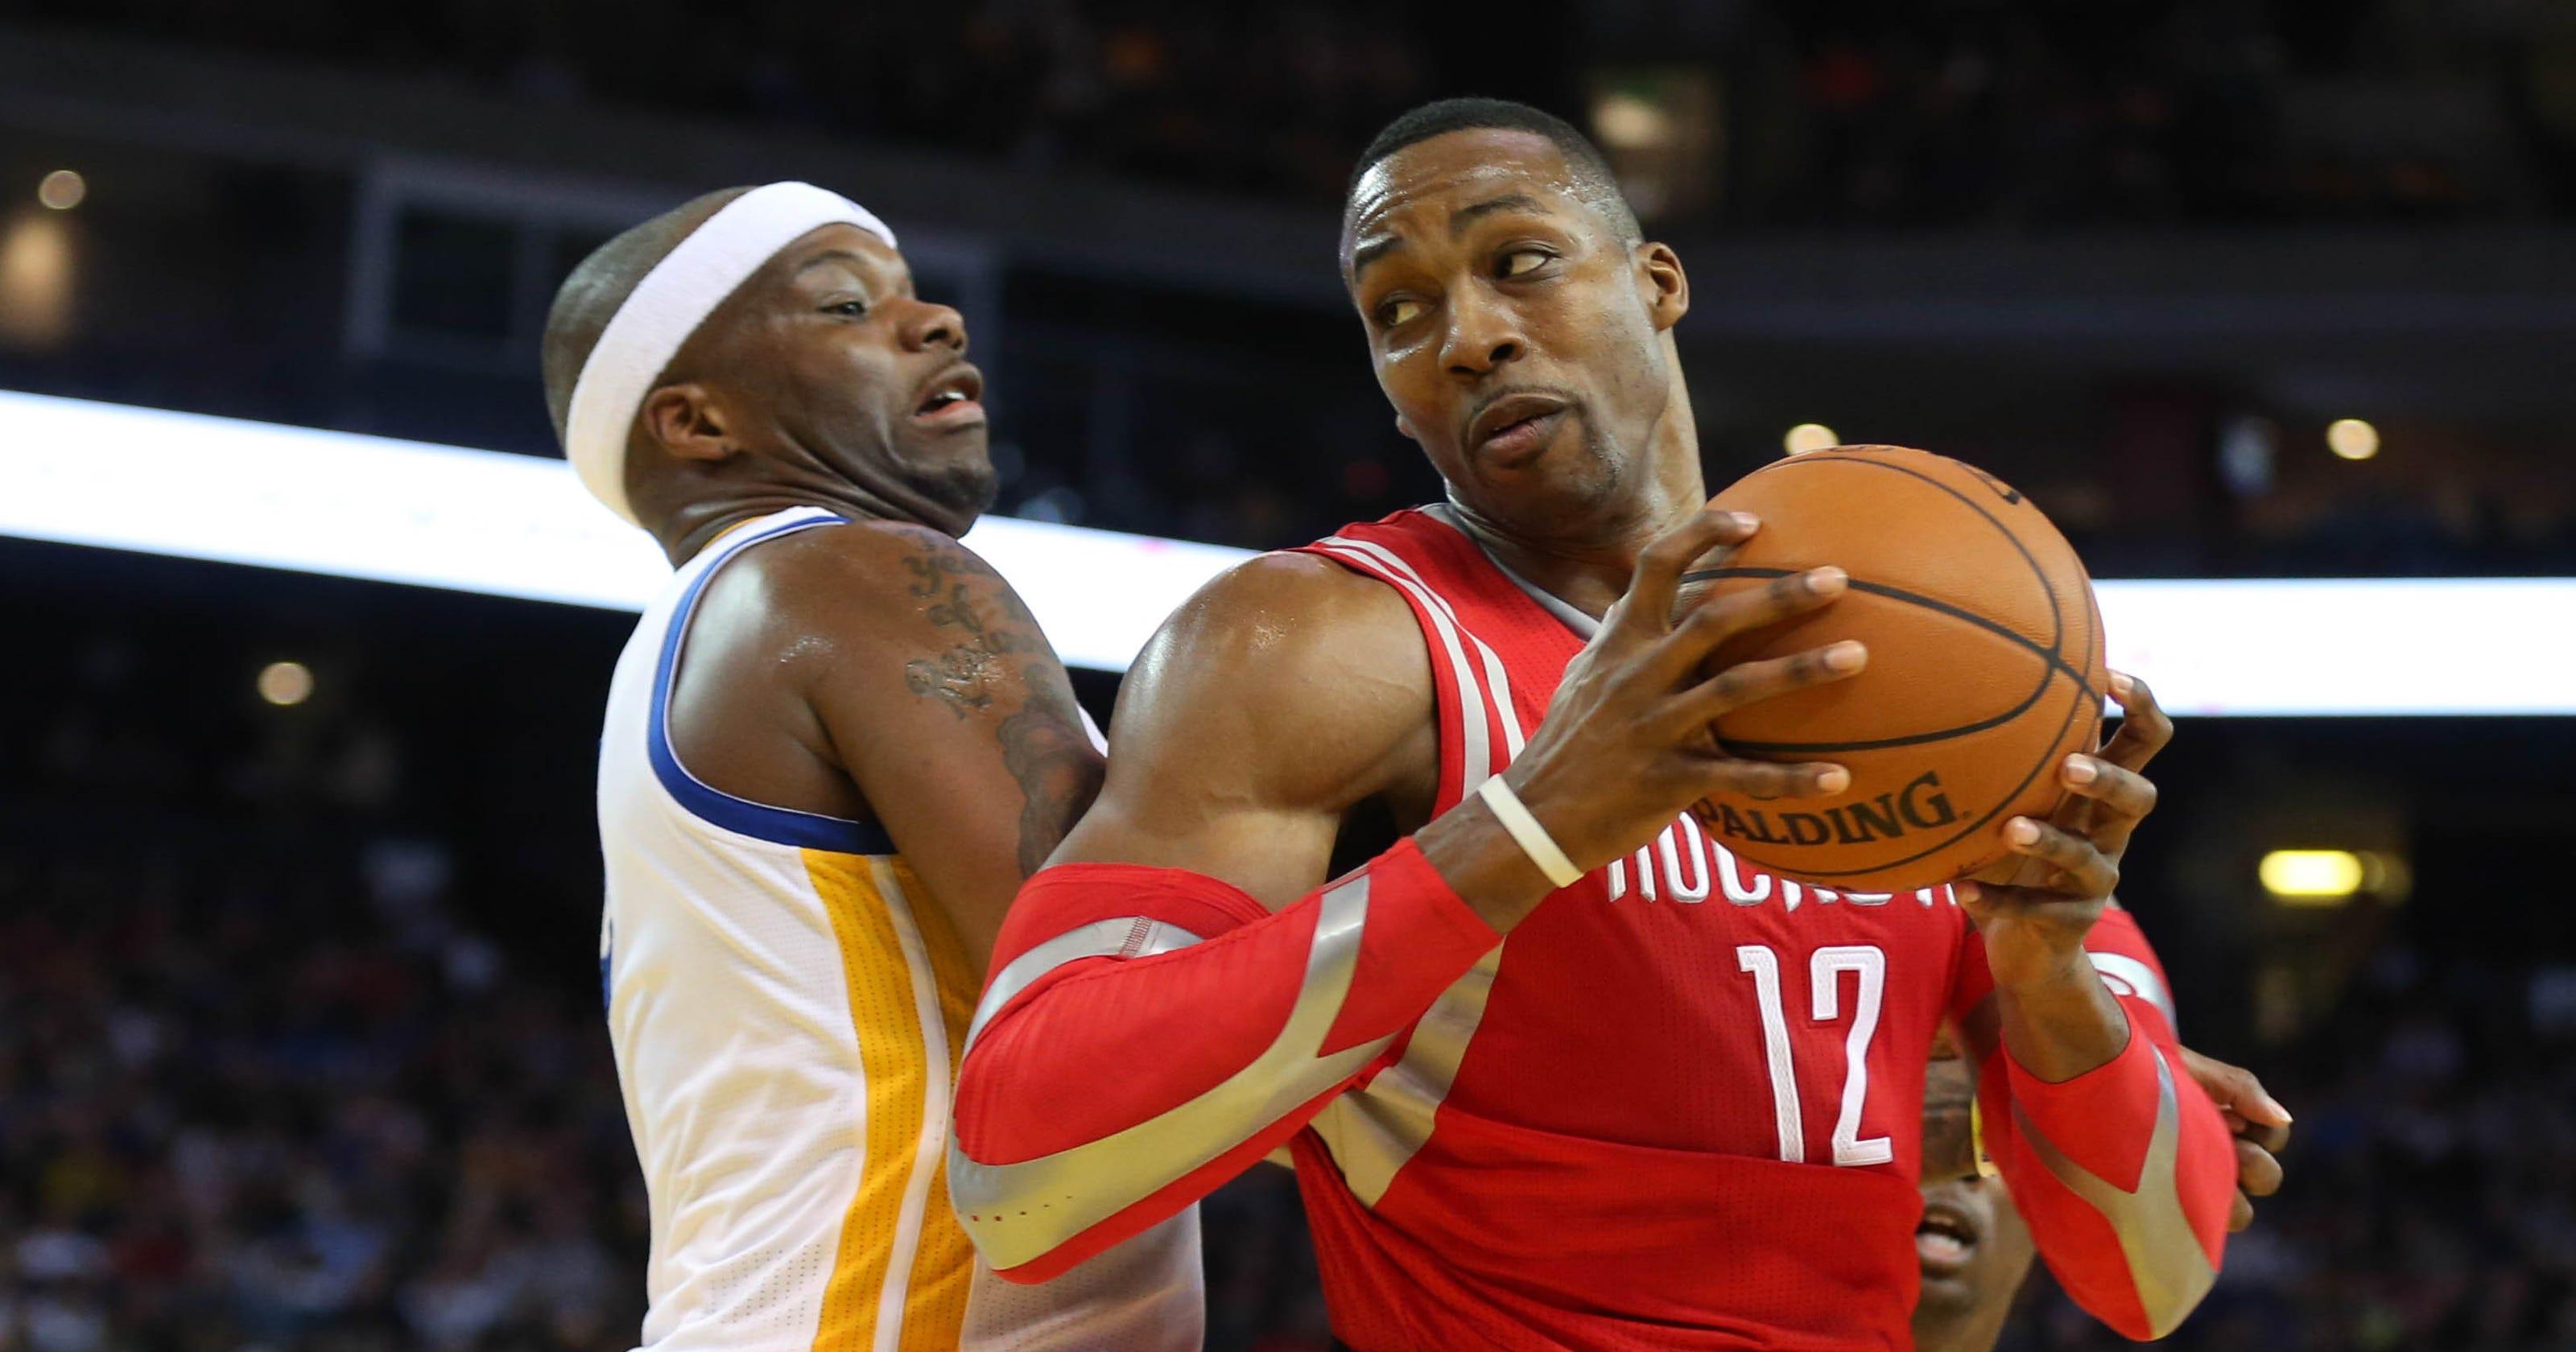 002d54e6f61d Warriors halt Rockets streak with OT win